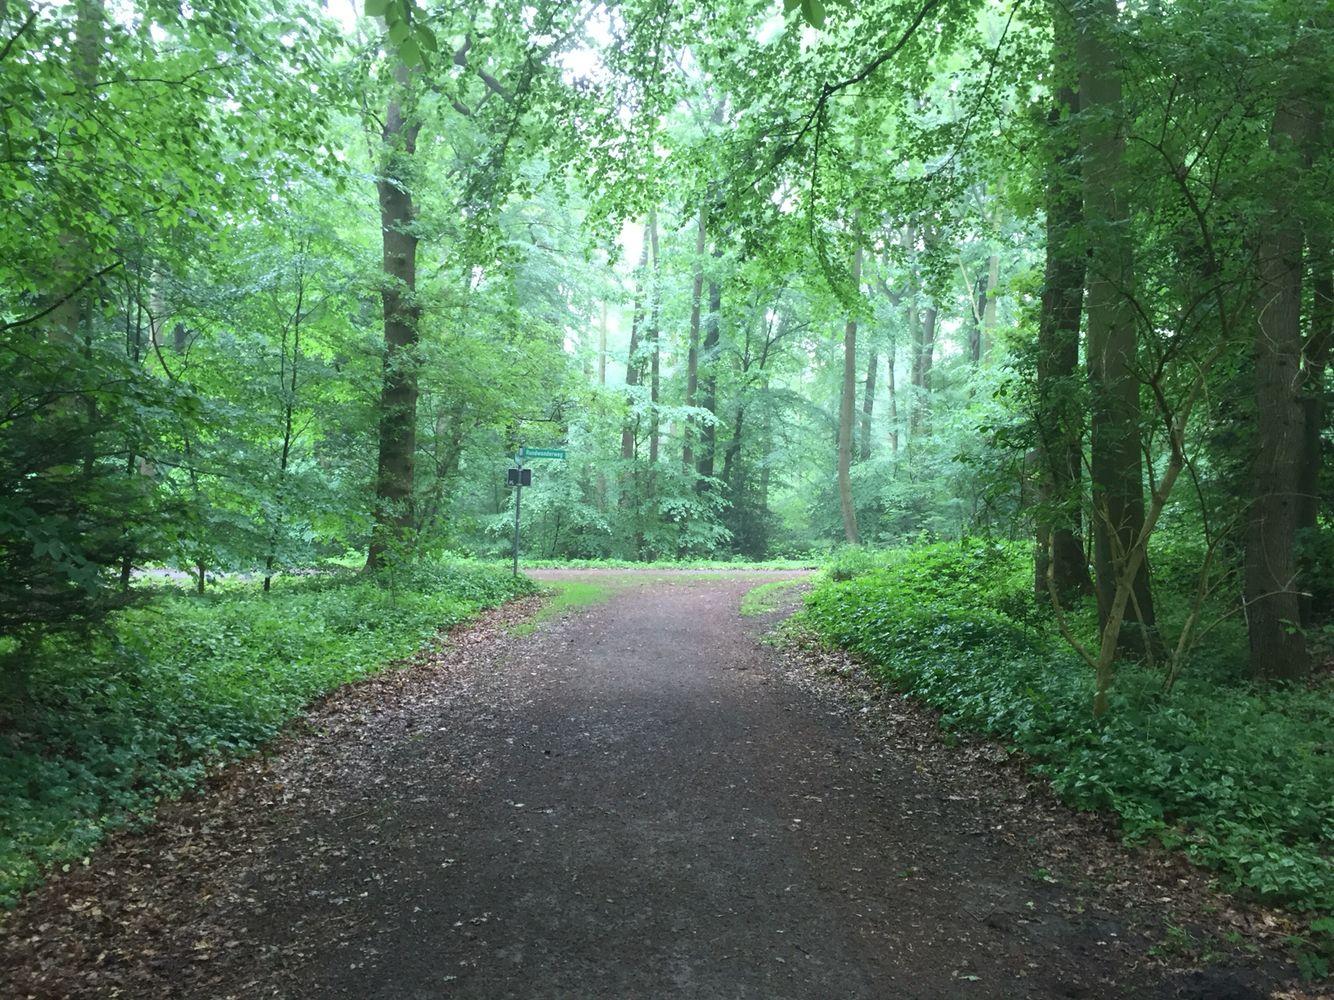 Regen im Wald, aber kein Regenwald. III